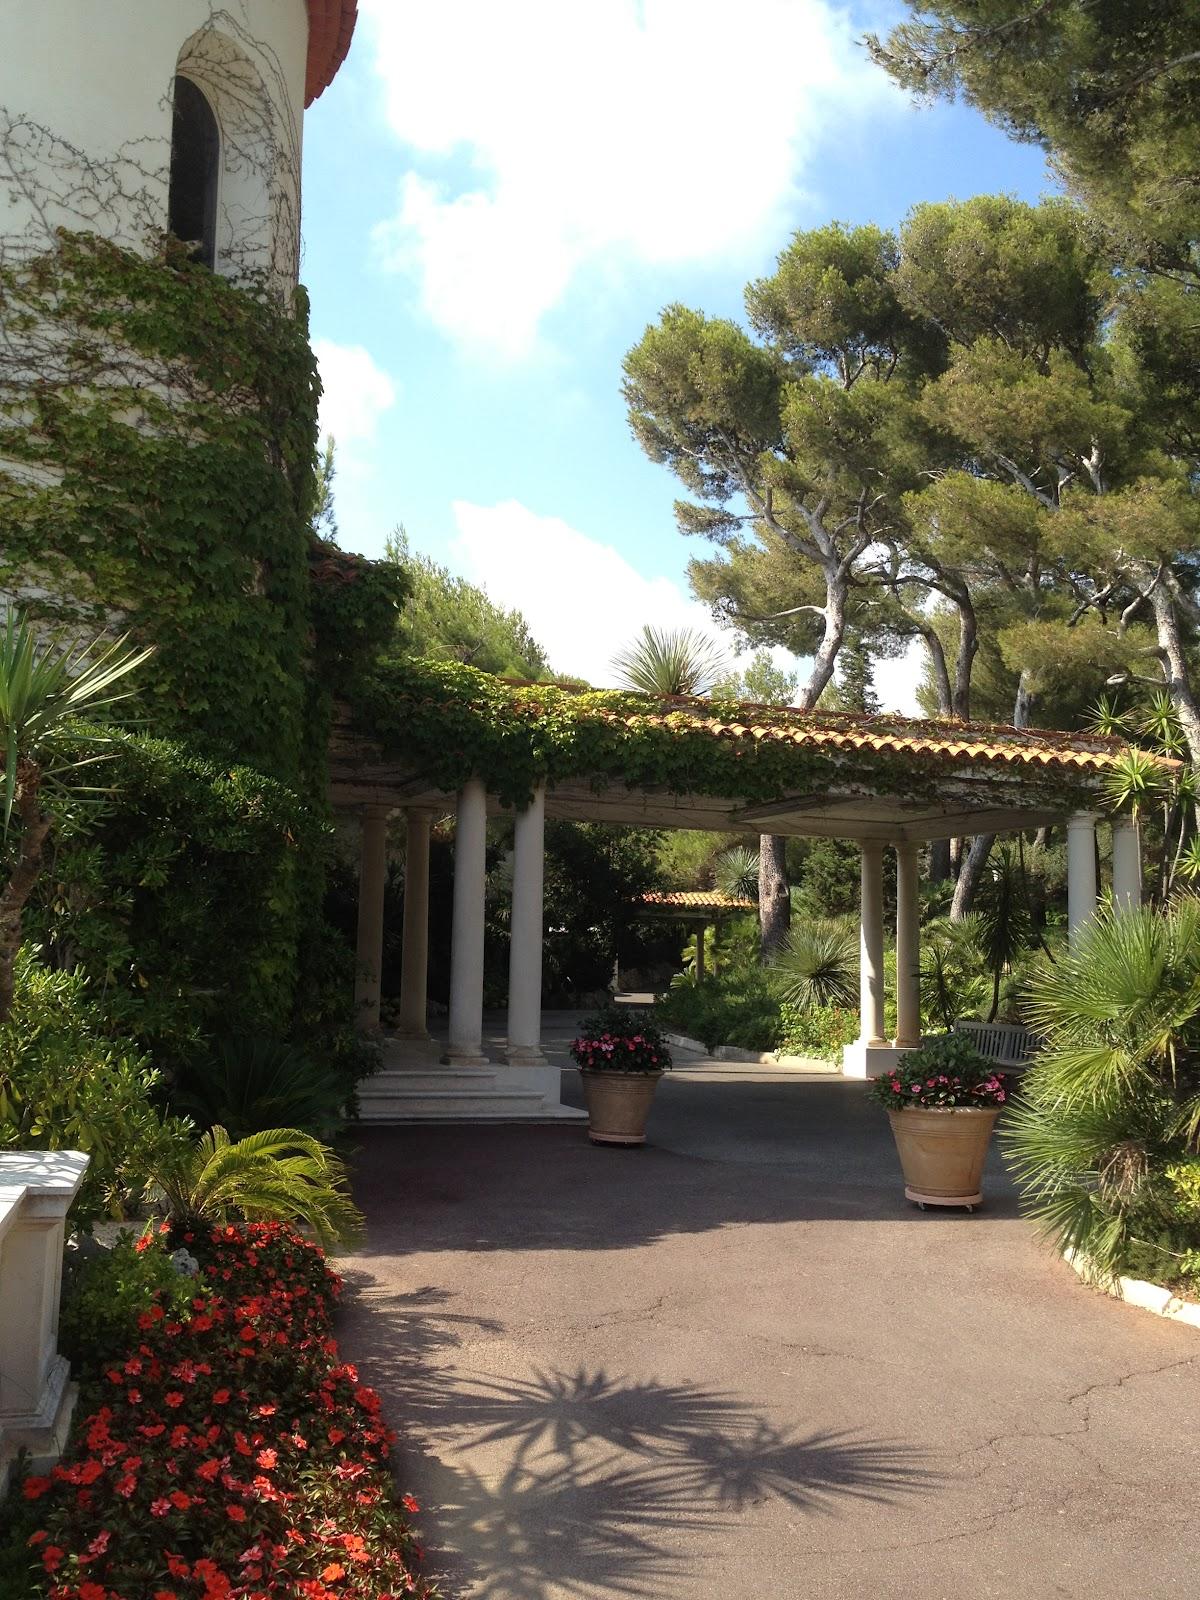 Hotel_du_Cap_Eden_Roc-bebet.net-6